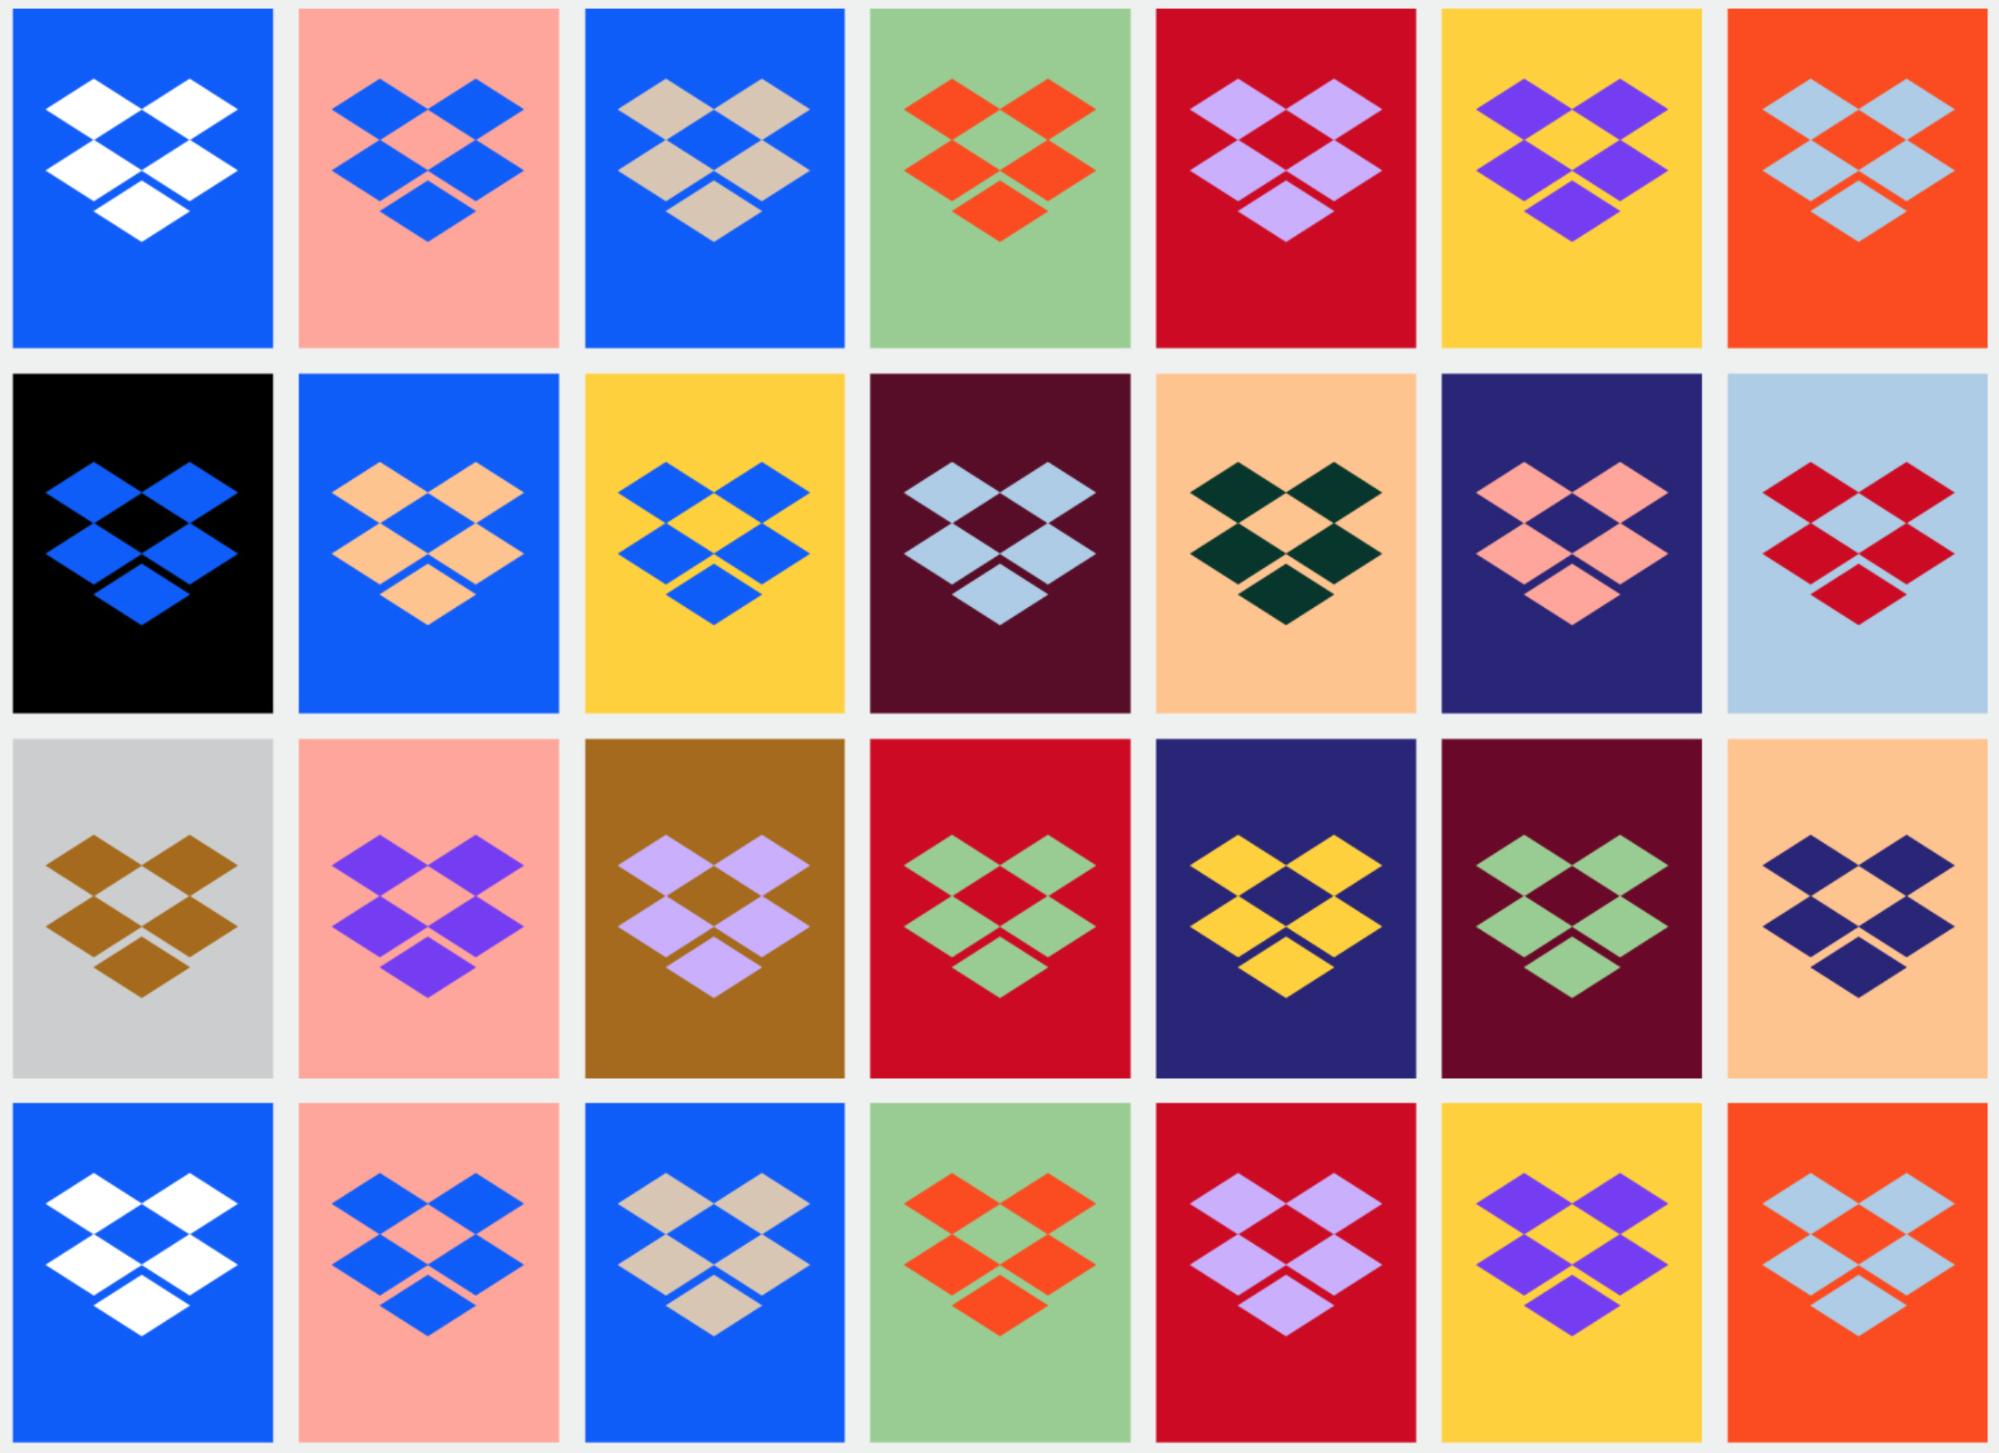 Тренды веб дизайна и влияние на цветовые схемы